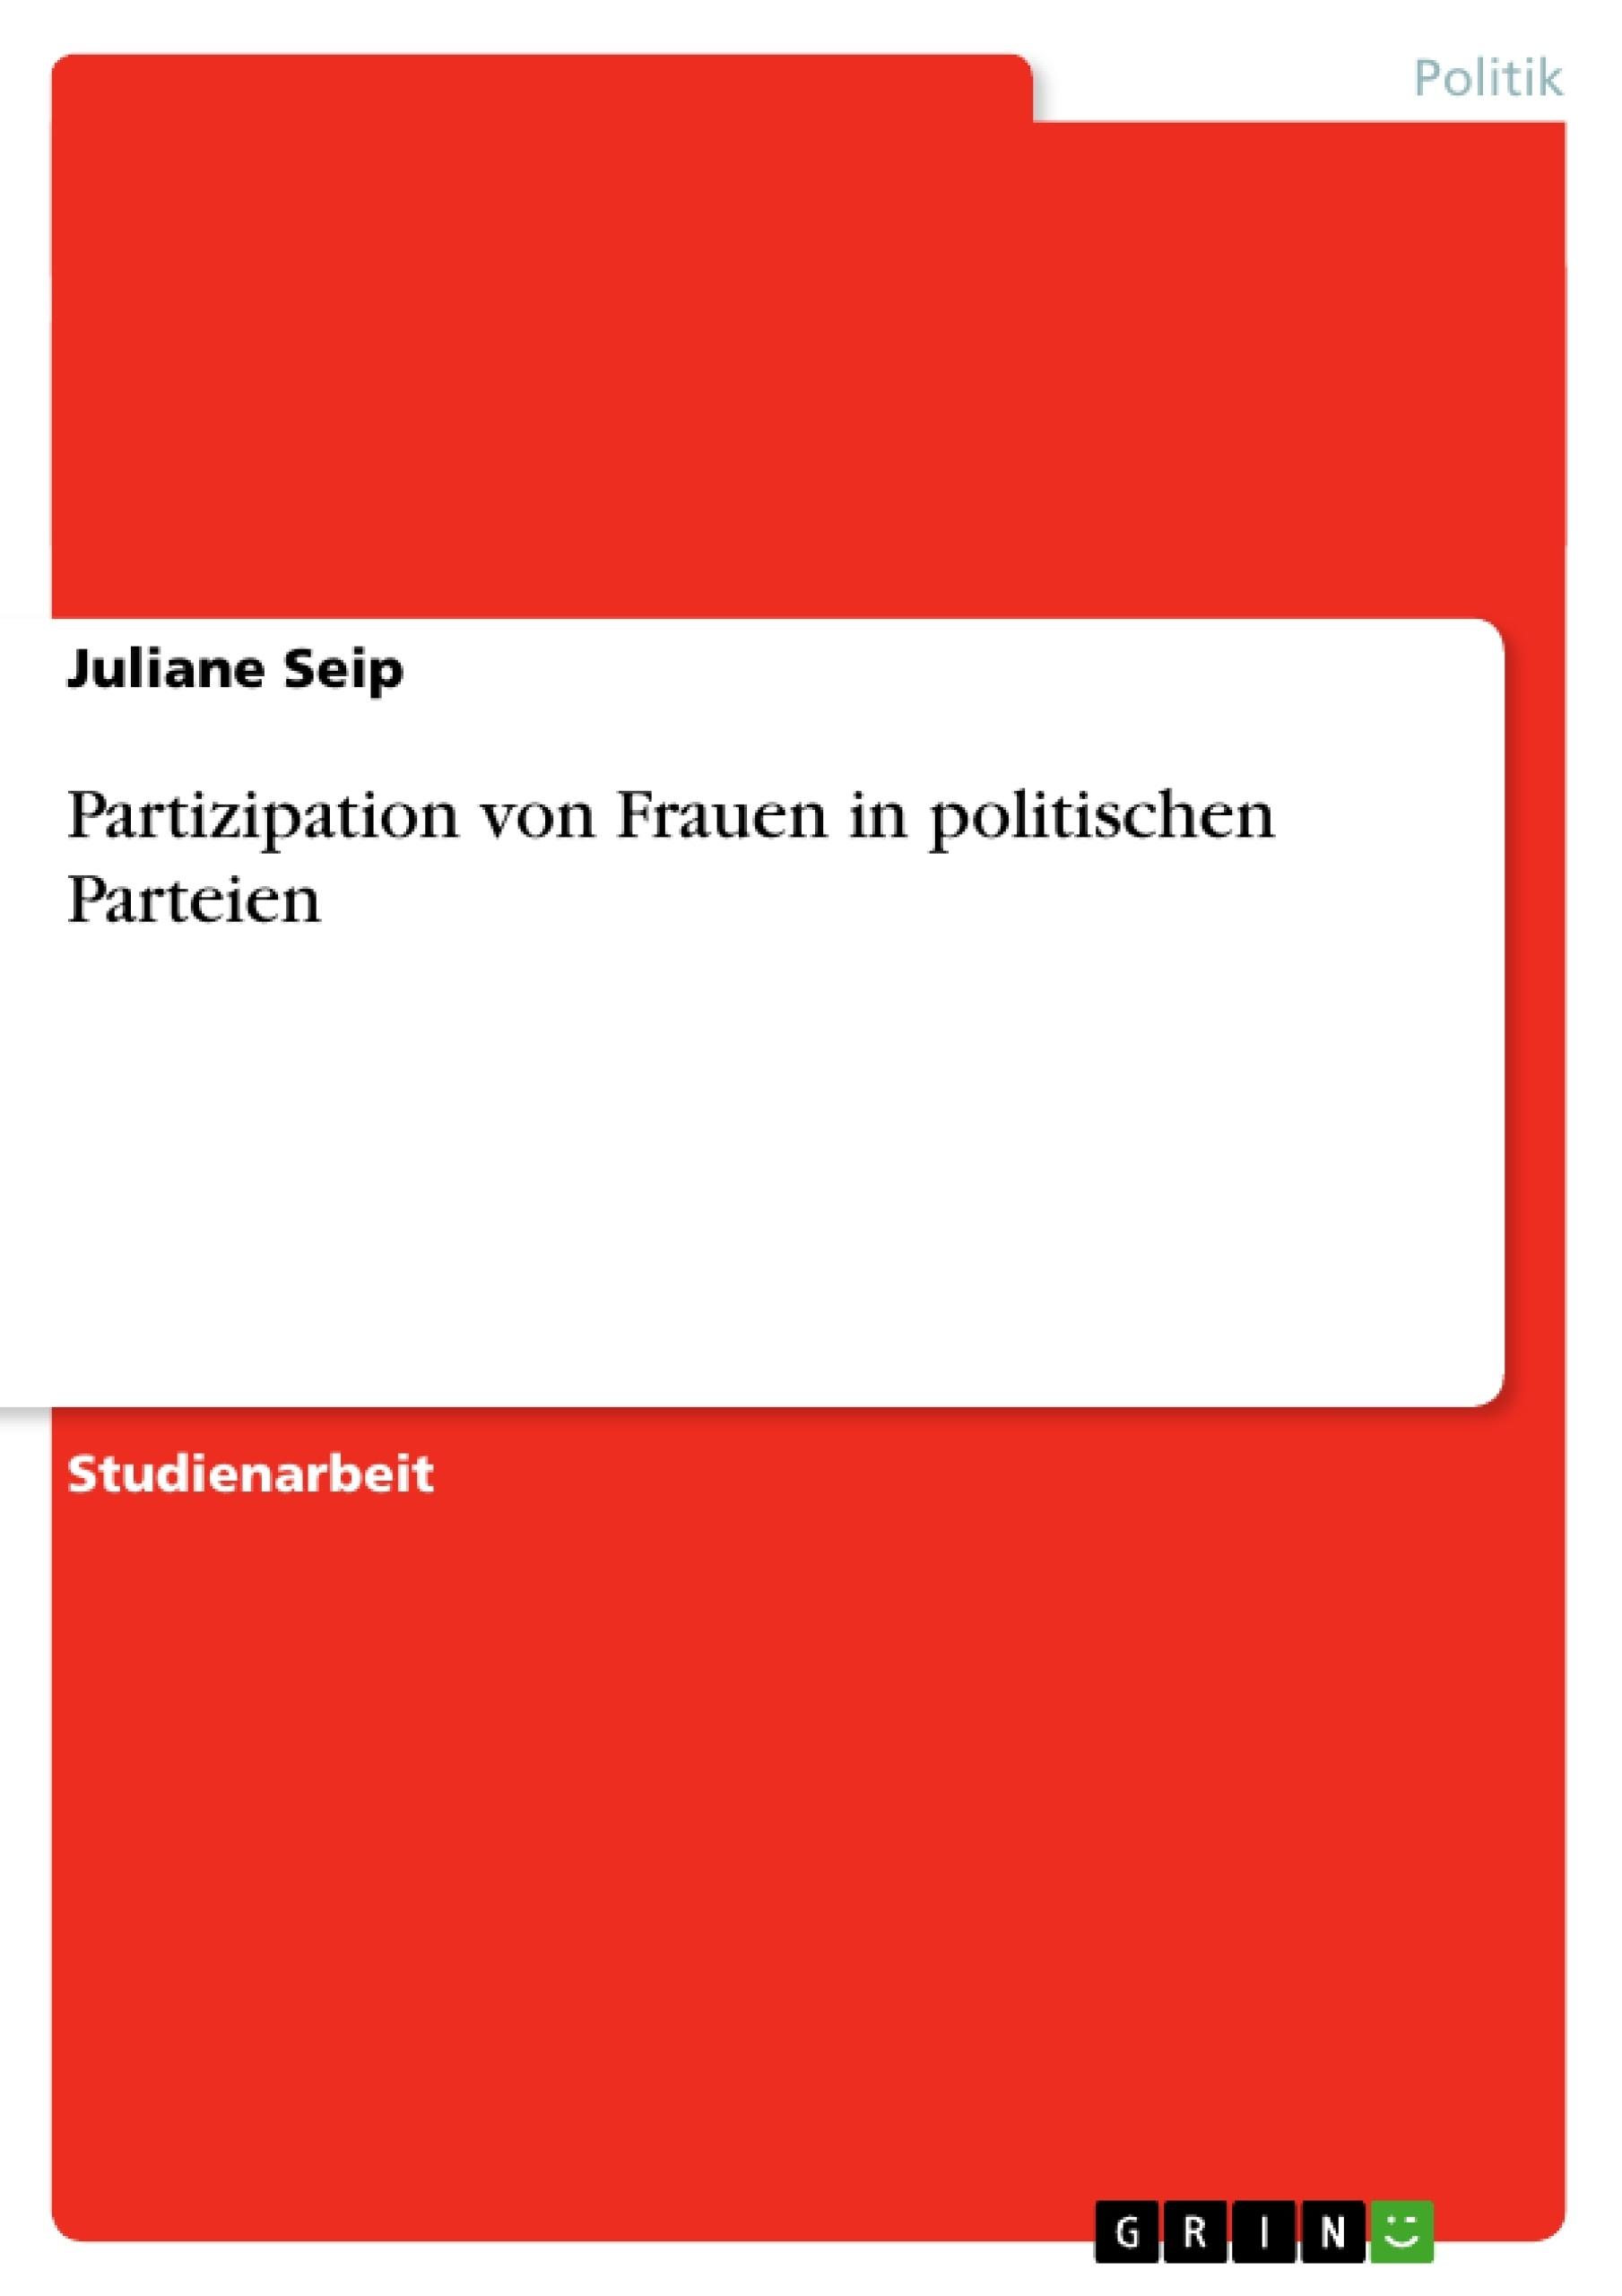 Titel: Partizipation von Frauen in politischen Parteien